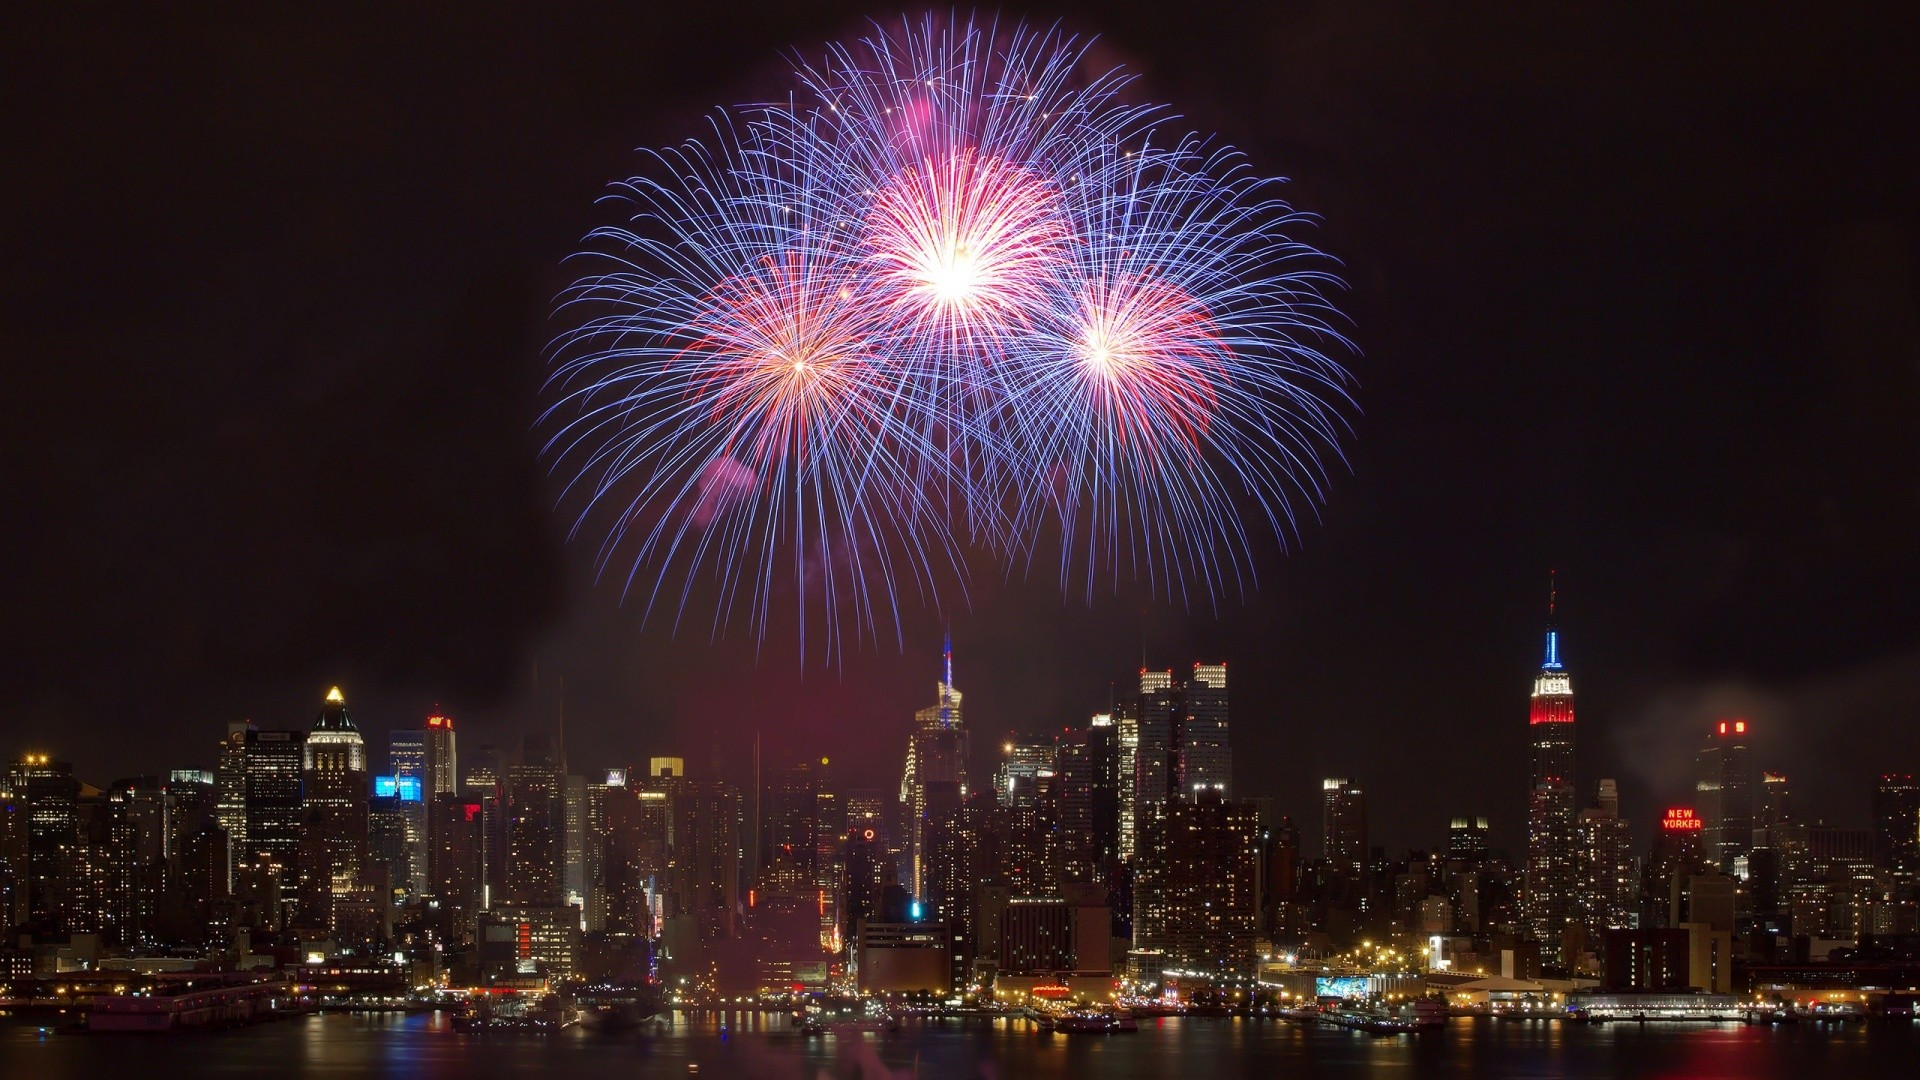 Happy New Year 2016 Celebration Images